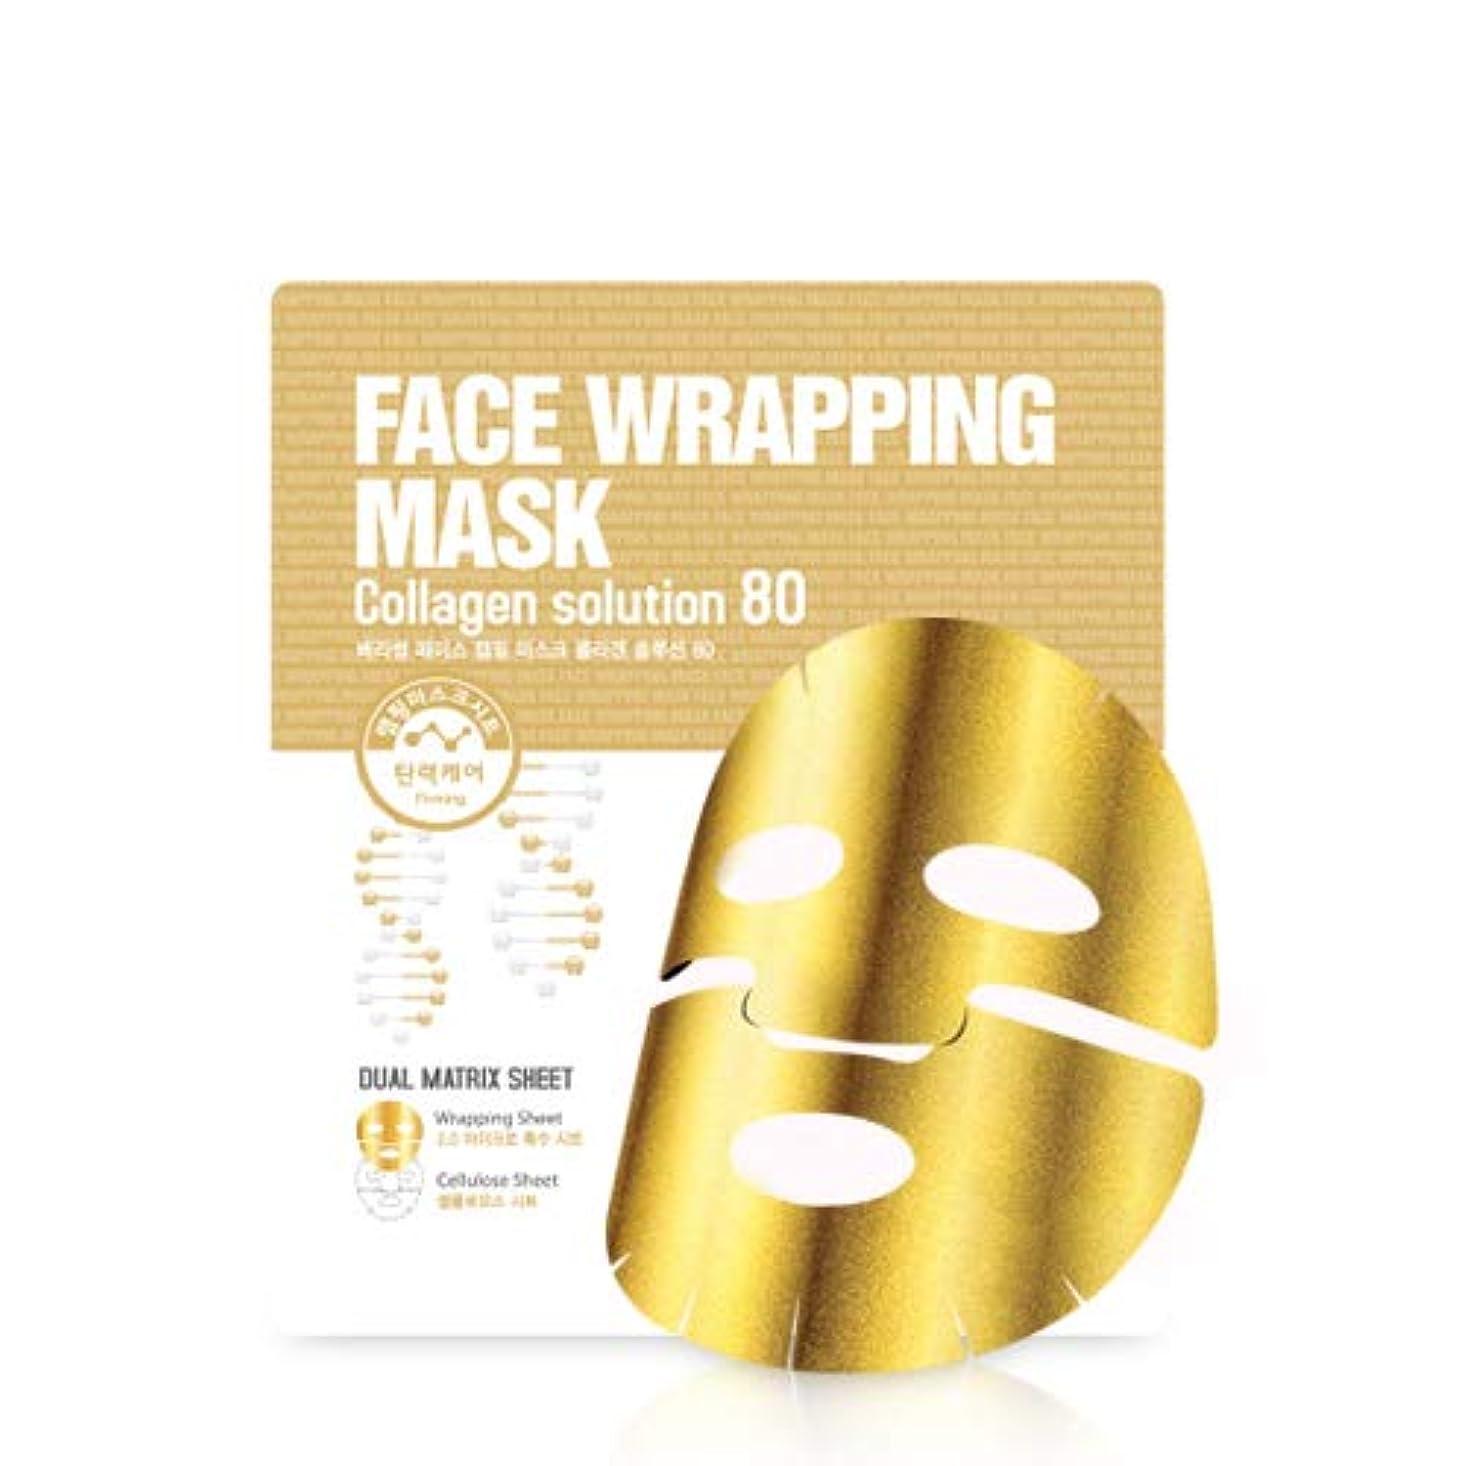 アスリート透けて見える宣伝ベリソム[Berrisom] フェイスラッピングマスクコラーゲンソリューション80 / しわ防止、引き締め Wrapping Mask Collagen 27gx5P